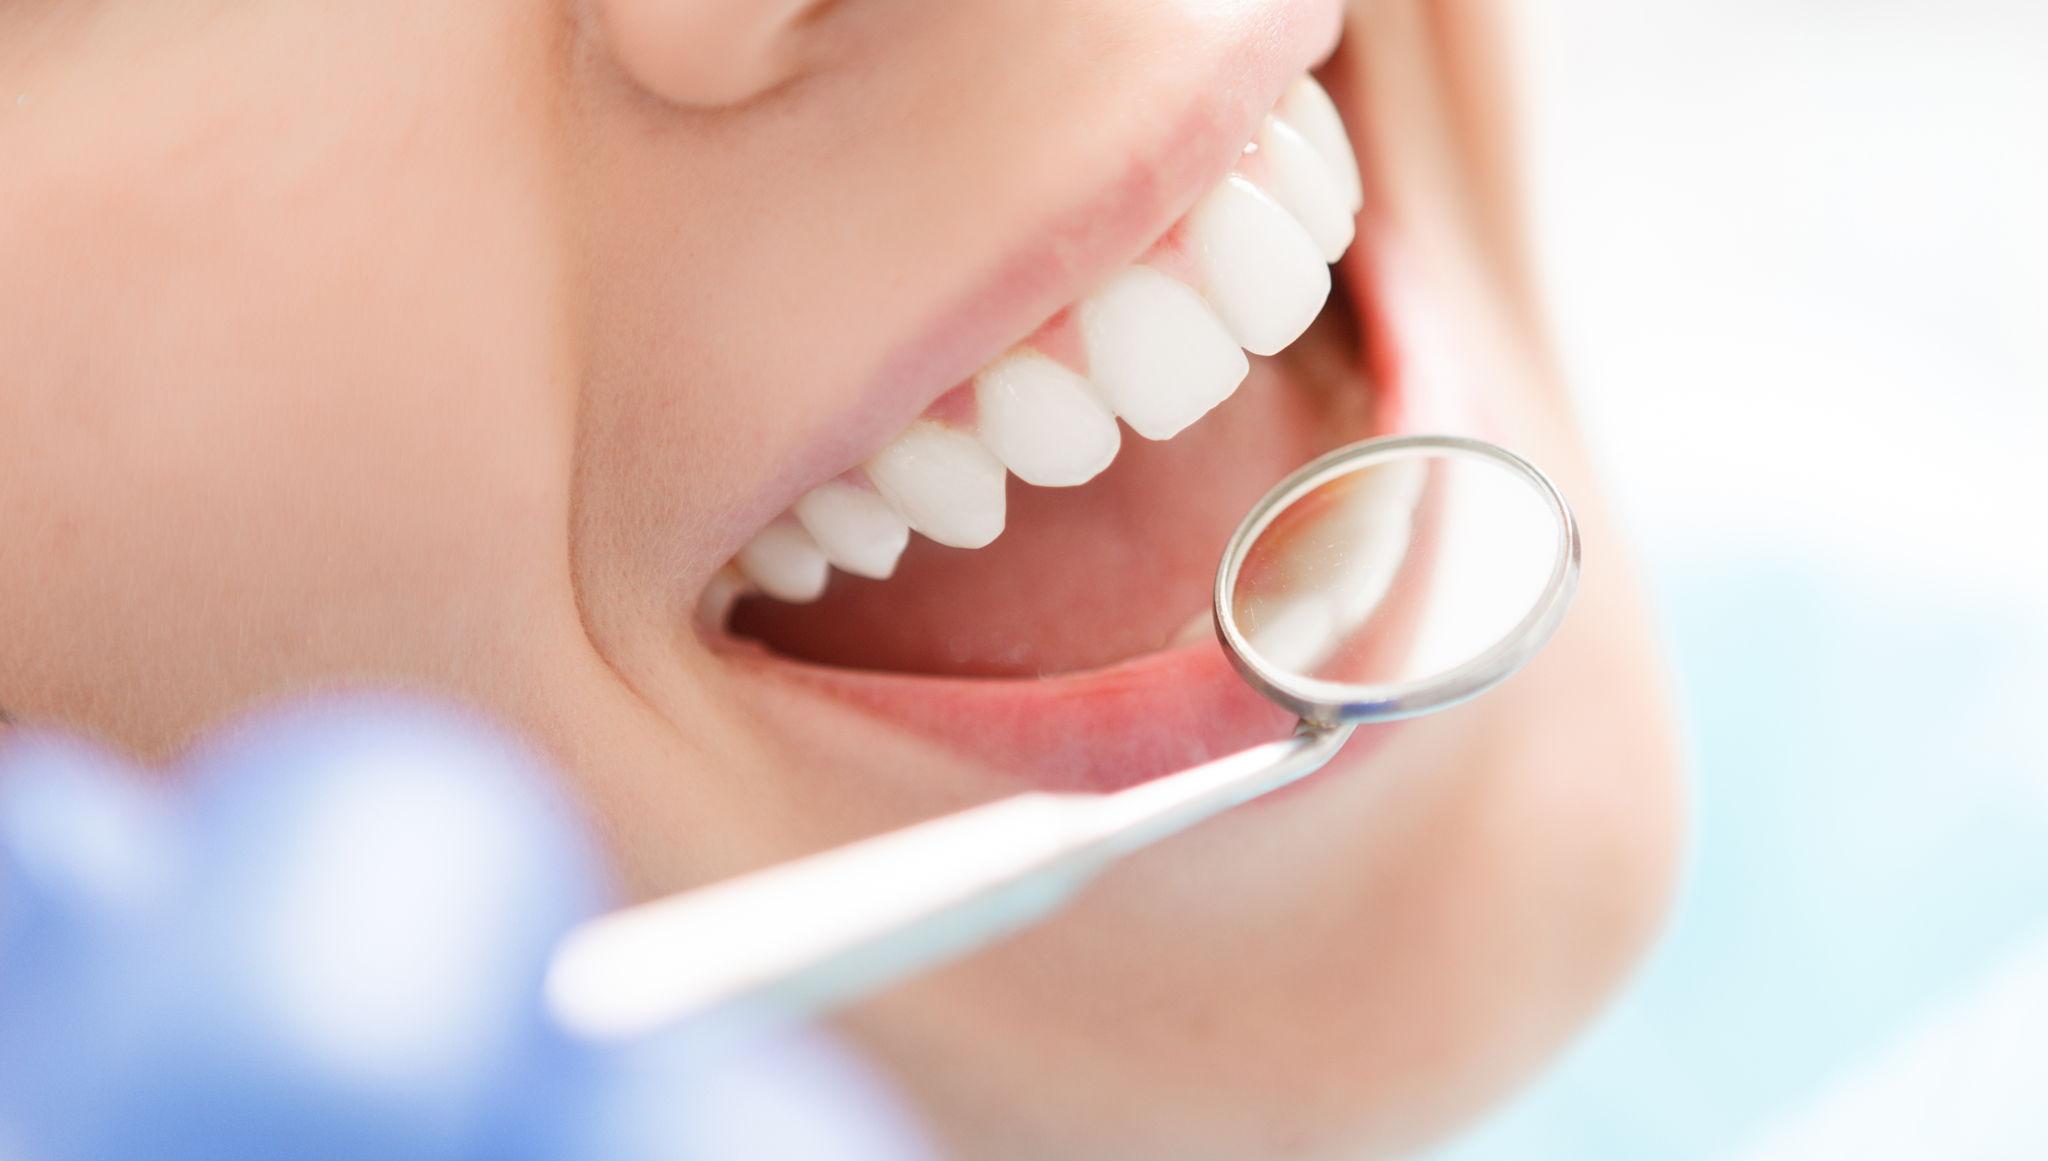 Il dentista sta esaminando i denti dopo aver usato la tecnica dell'abrasione ad aria.